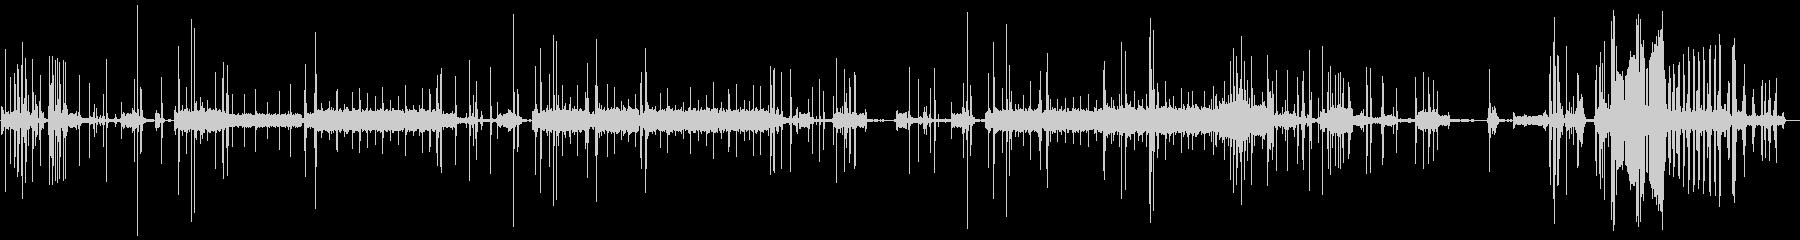 【生録音】家庭用プリンター03ロングの未再生の波形